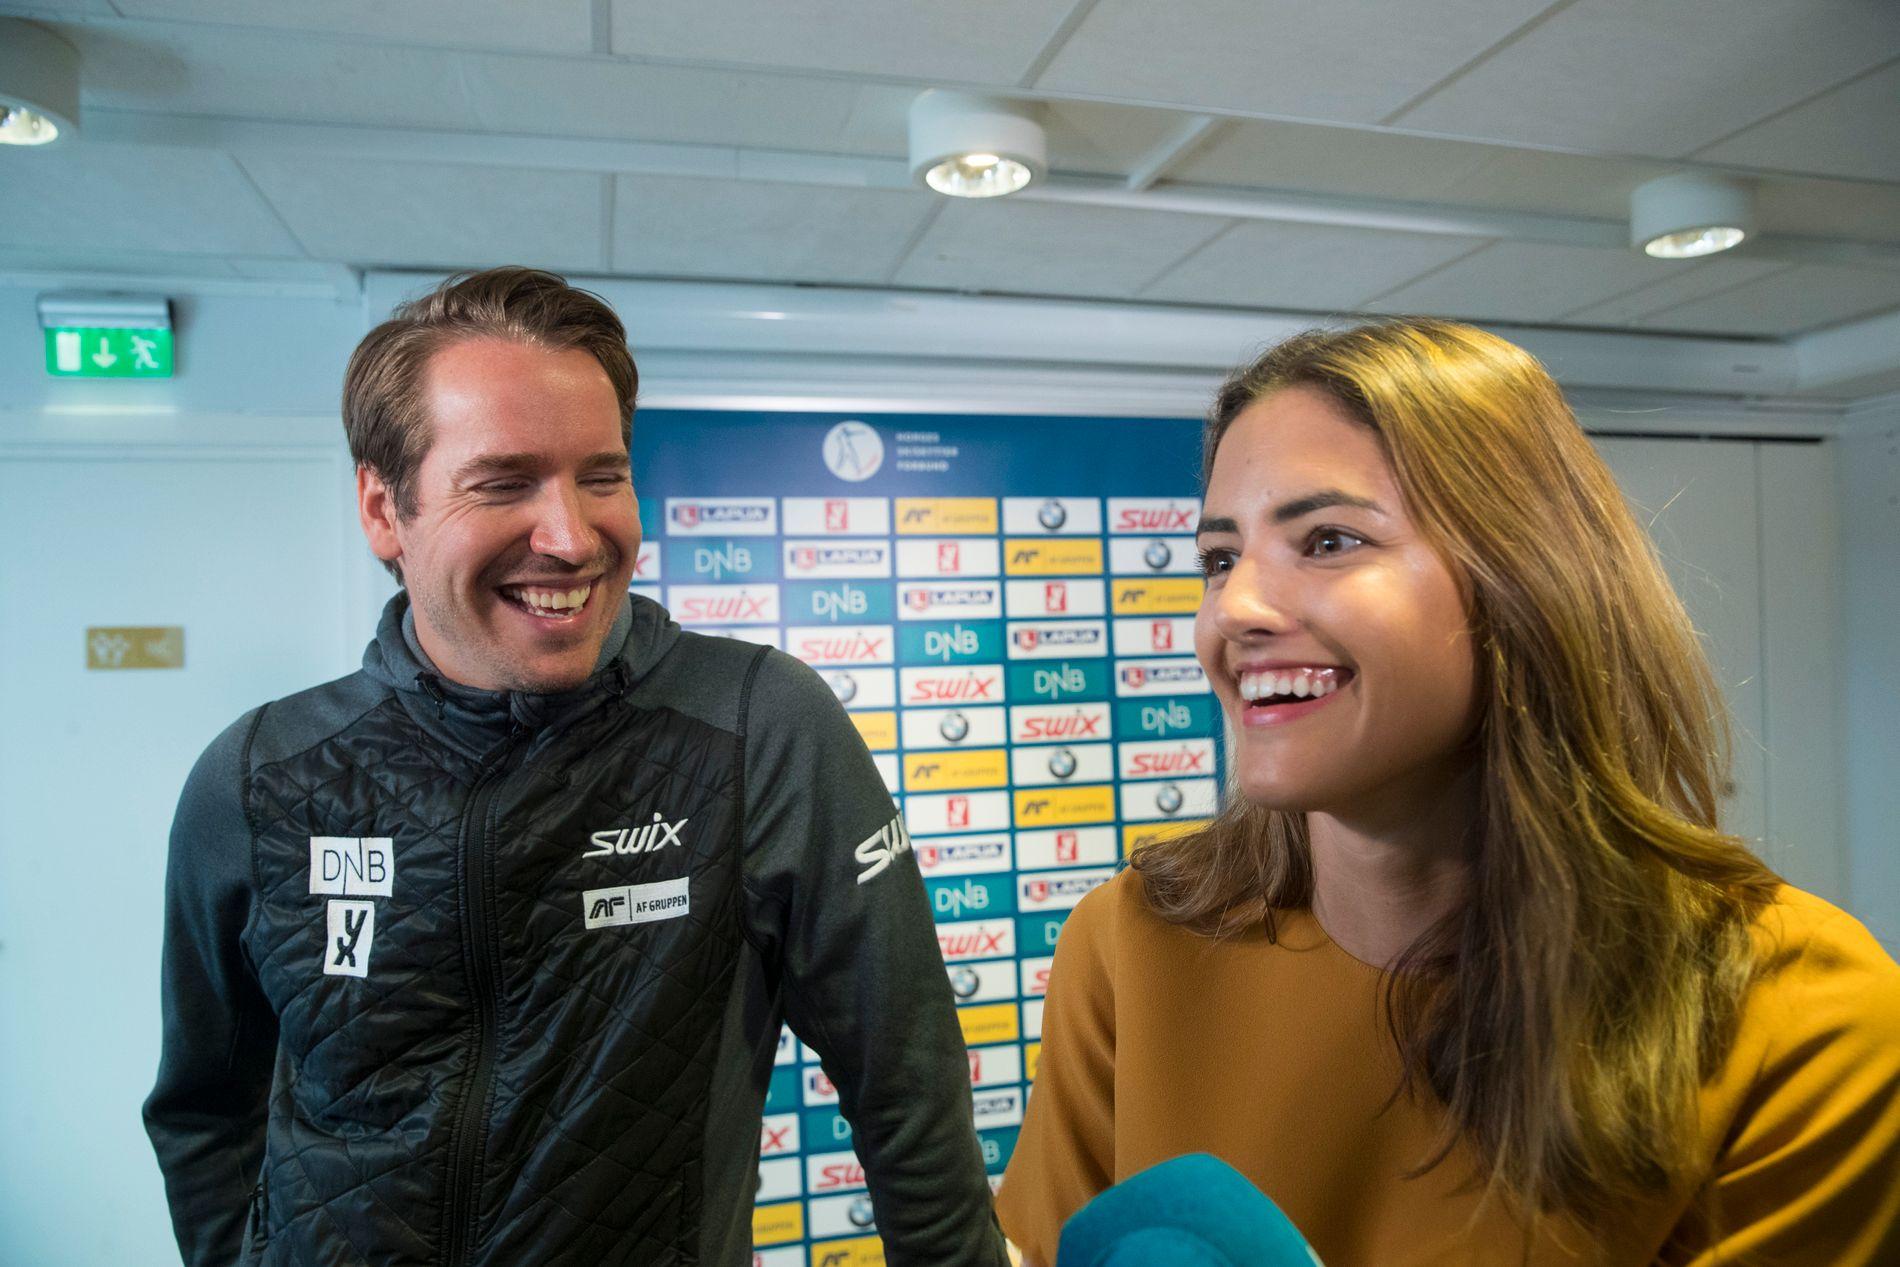 FULLT HUS: Tidligere skiskytter Emil Hegle Svendsen og forloveden Samantha Skogrand venter sitt første barn.